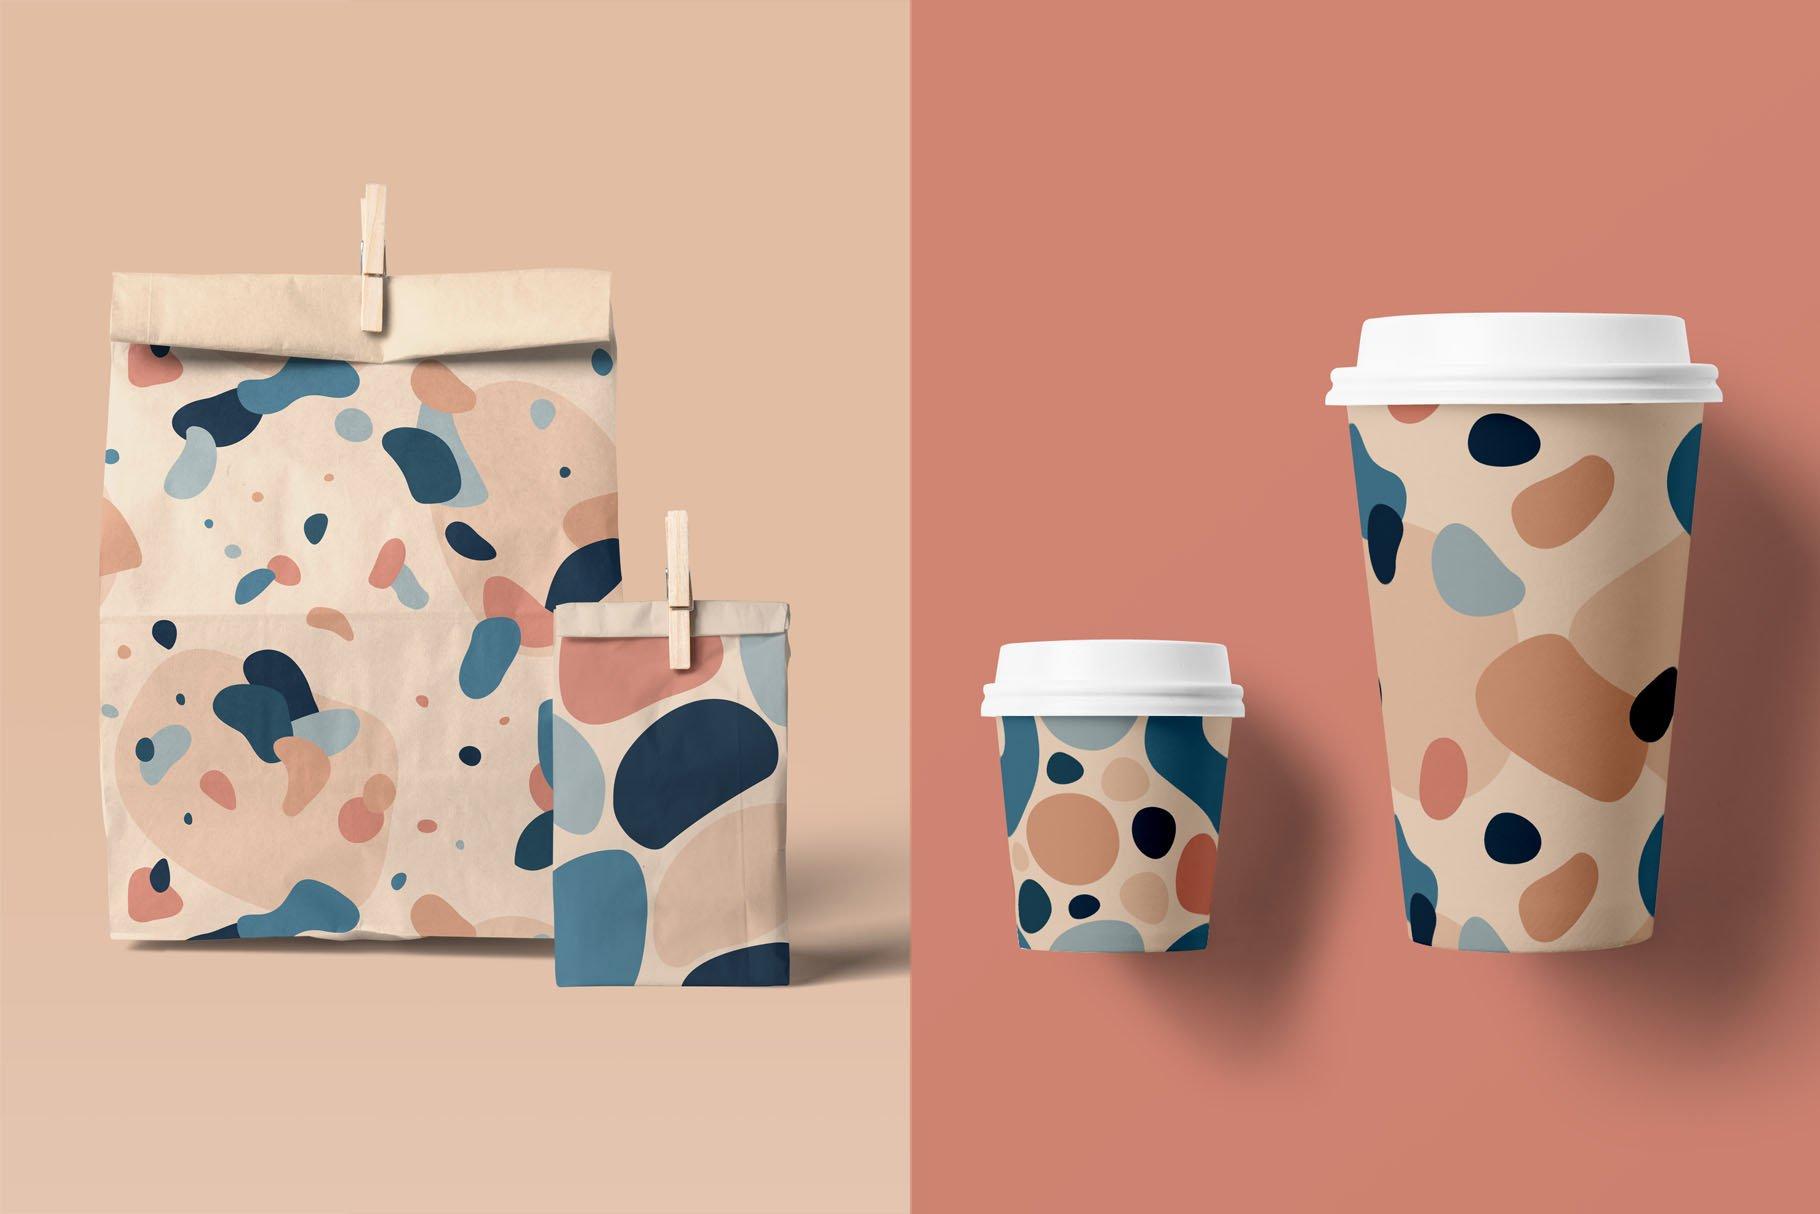 抽象有机形状无缝图案素材designshidai_beijing92